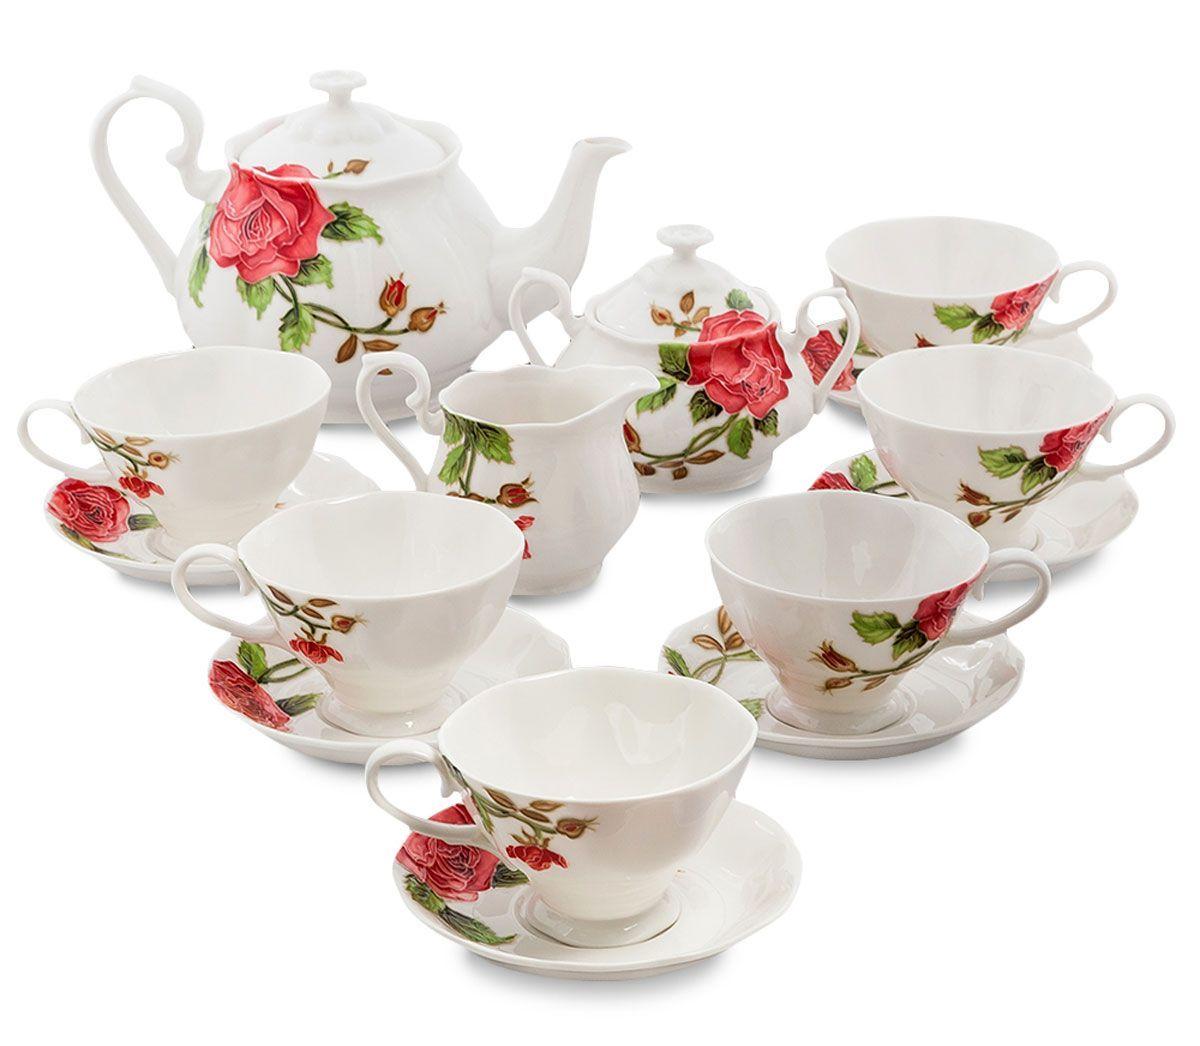 Сервиз чайный Pavone Рафаэлло. Роза, 15 предметов. 451578451578Объем чайника: 1,25 л Объем сахарницы: 400 мл Объем молочника: 250 мл Объем чашки: 200 мл Диаметр блюдца: 14 см.